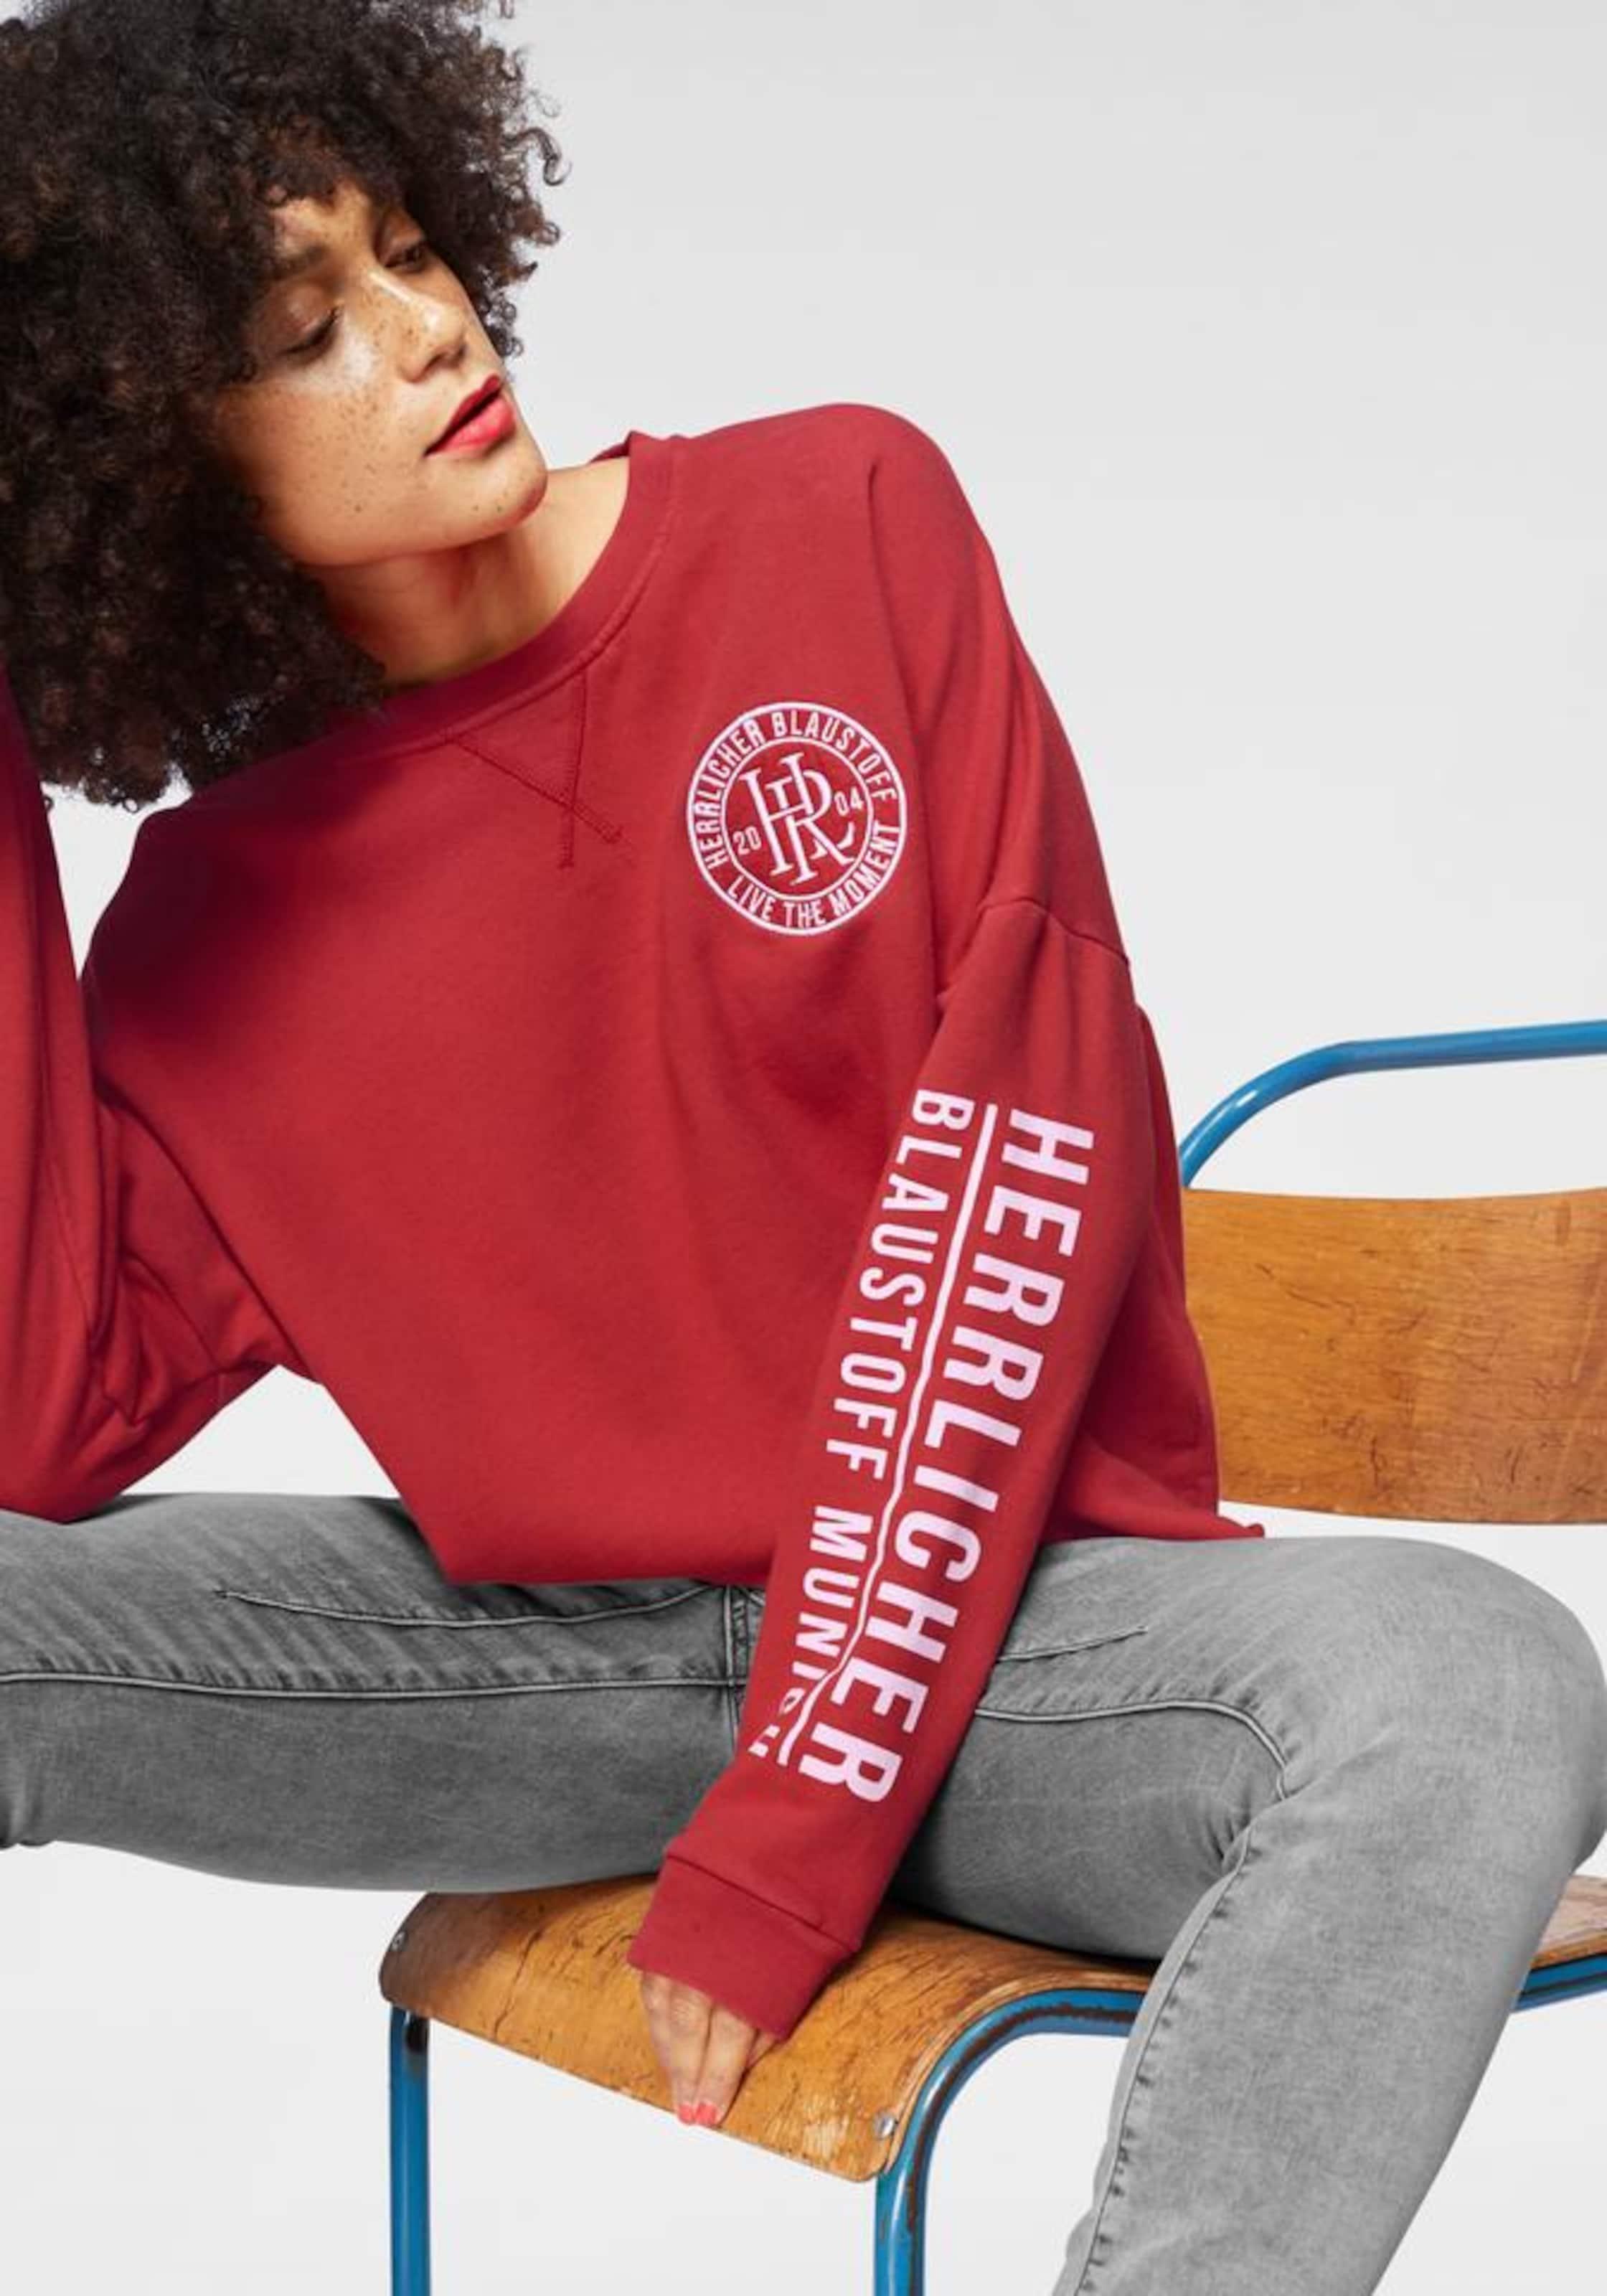 'smila' 'smila' In In Sweatshirt RotWeiß RotWeiß Herrlicher 'smila' Sweatshirt Herrlicher Sweatshirt Herrlicher GLqMSzVpUj